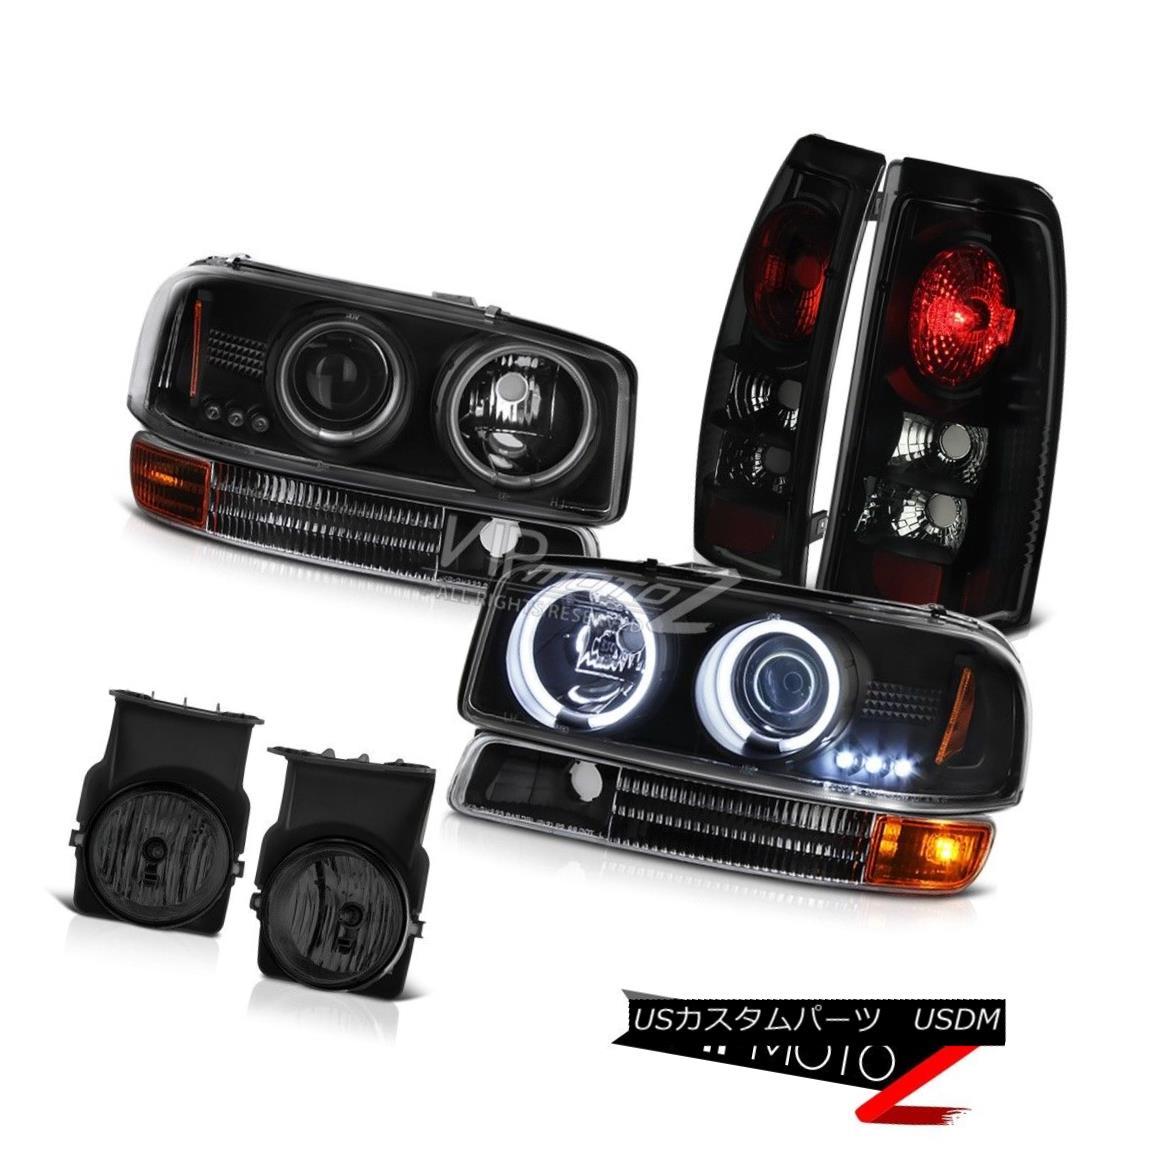 ヘッドライト Black CCFL Halo Headlights Signal Brake Tail Lamp Bumper Fog 2003 Sierra 4.3L V6 ブラックCCFL Haloヘッドライト信号ブレーキテールランプバンパーフォグ2003 Sierra 4.3L V6